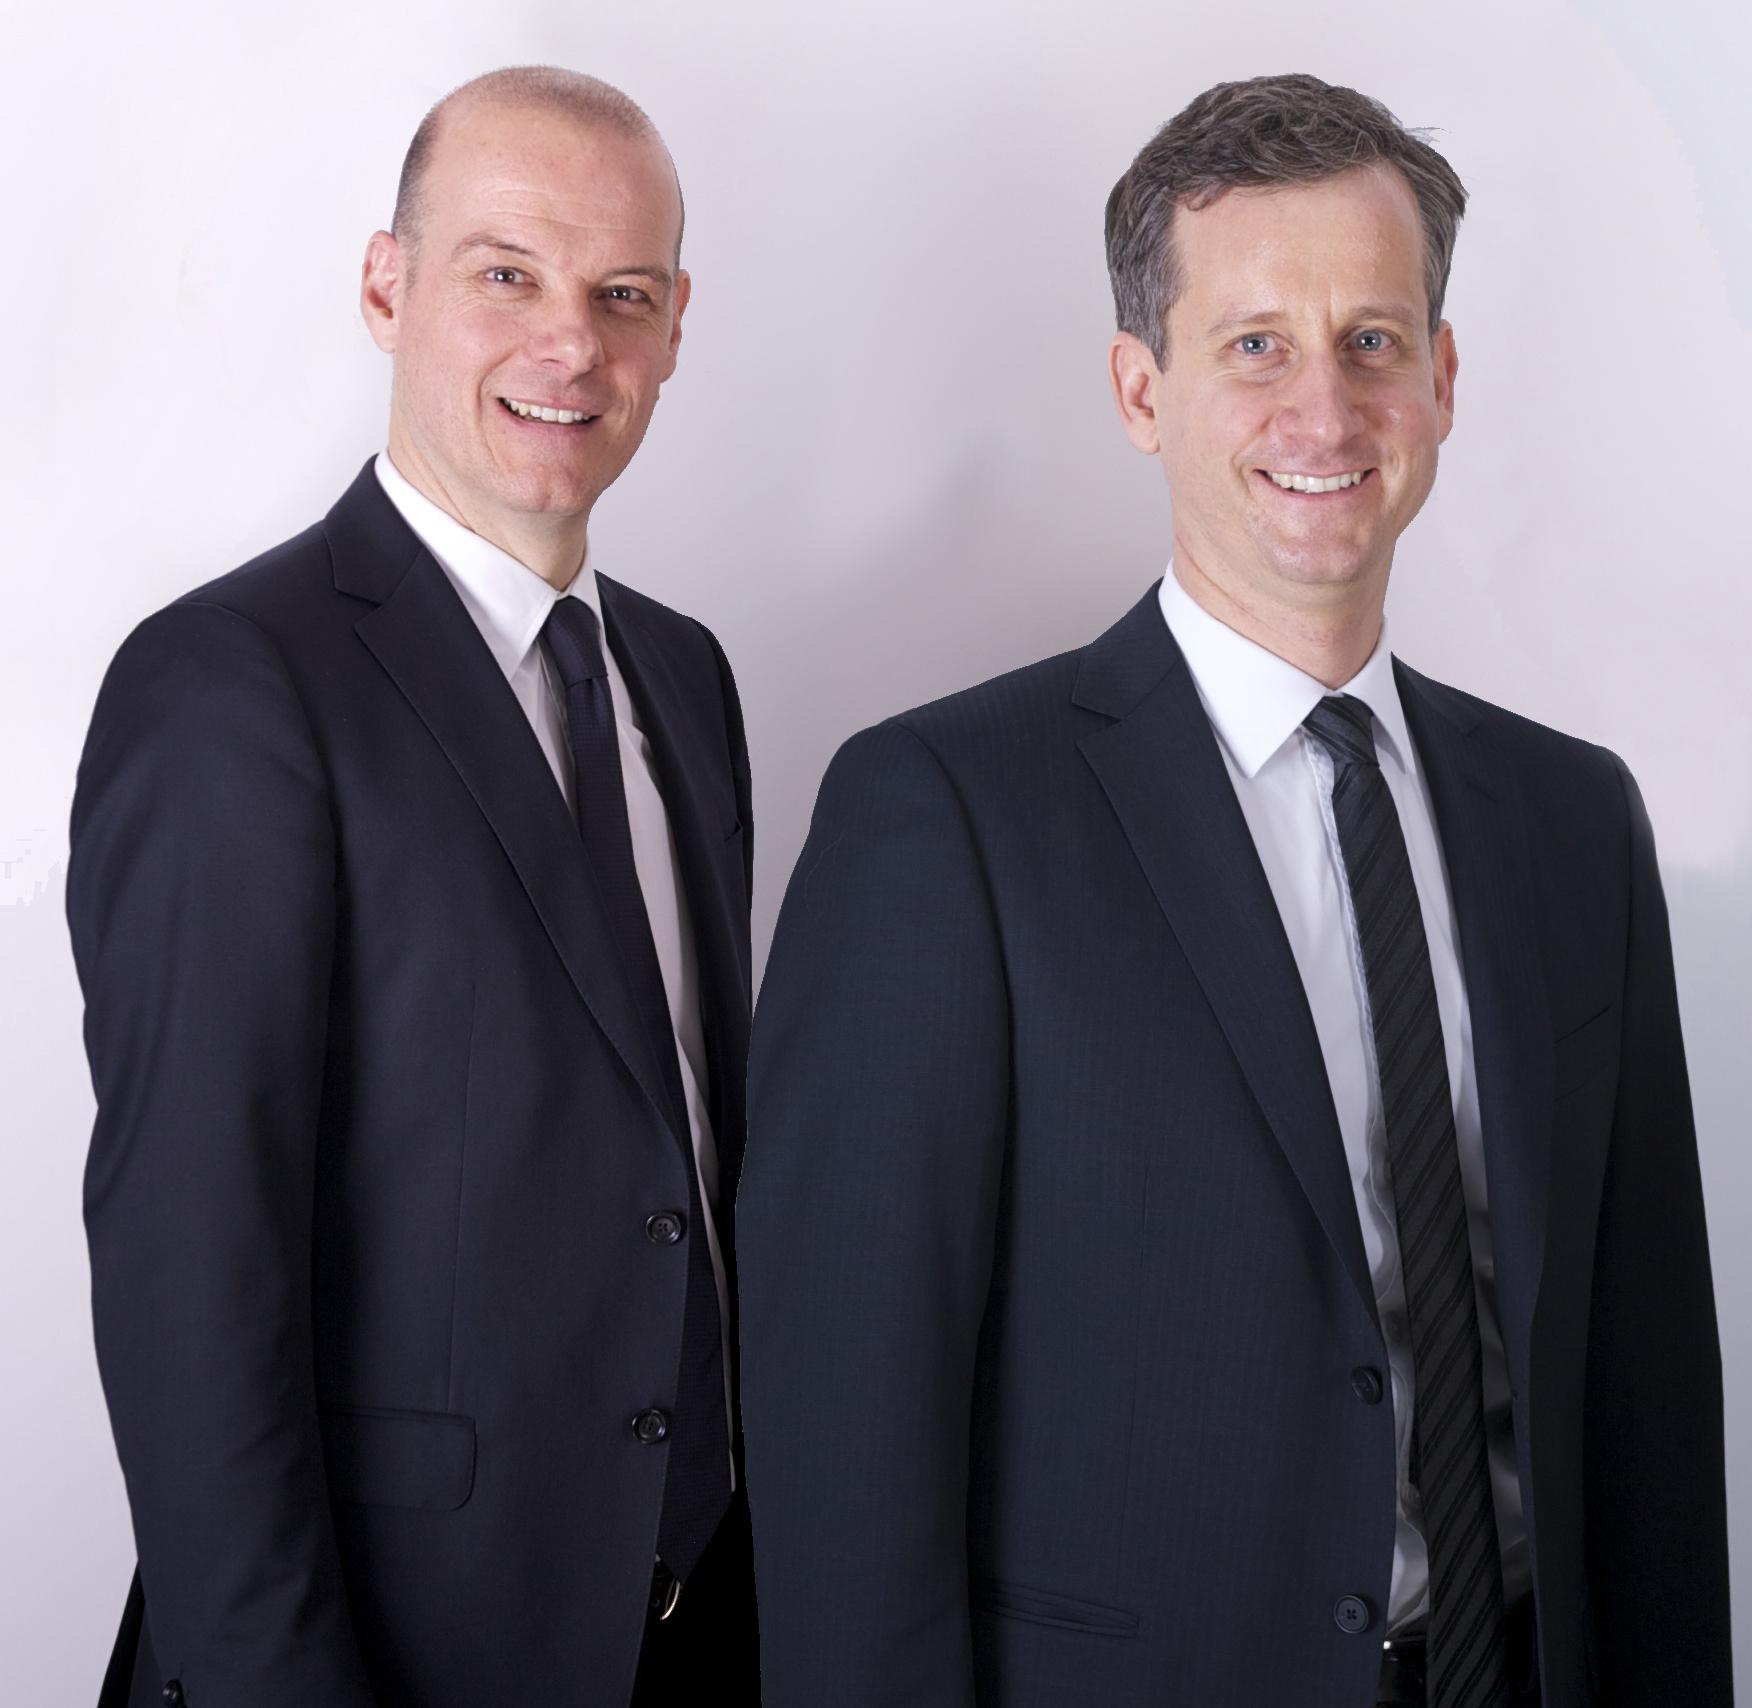 Zu sehen sind die beiden Geschäftsführer der neu gegründeten Präg Energiedienstleistungen GmbH & Co. KG, Klaus-Rüdiger Bischoff und Marc Deisenhofer.